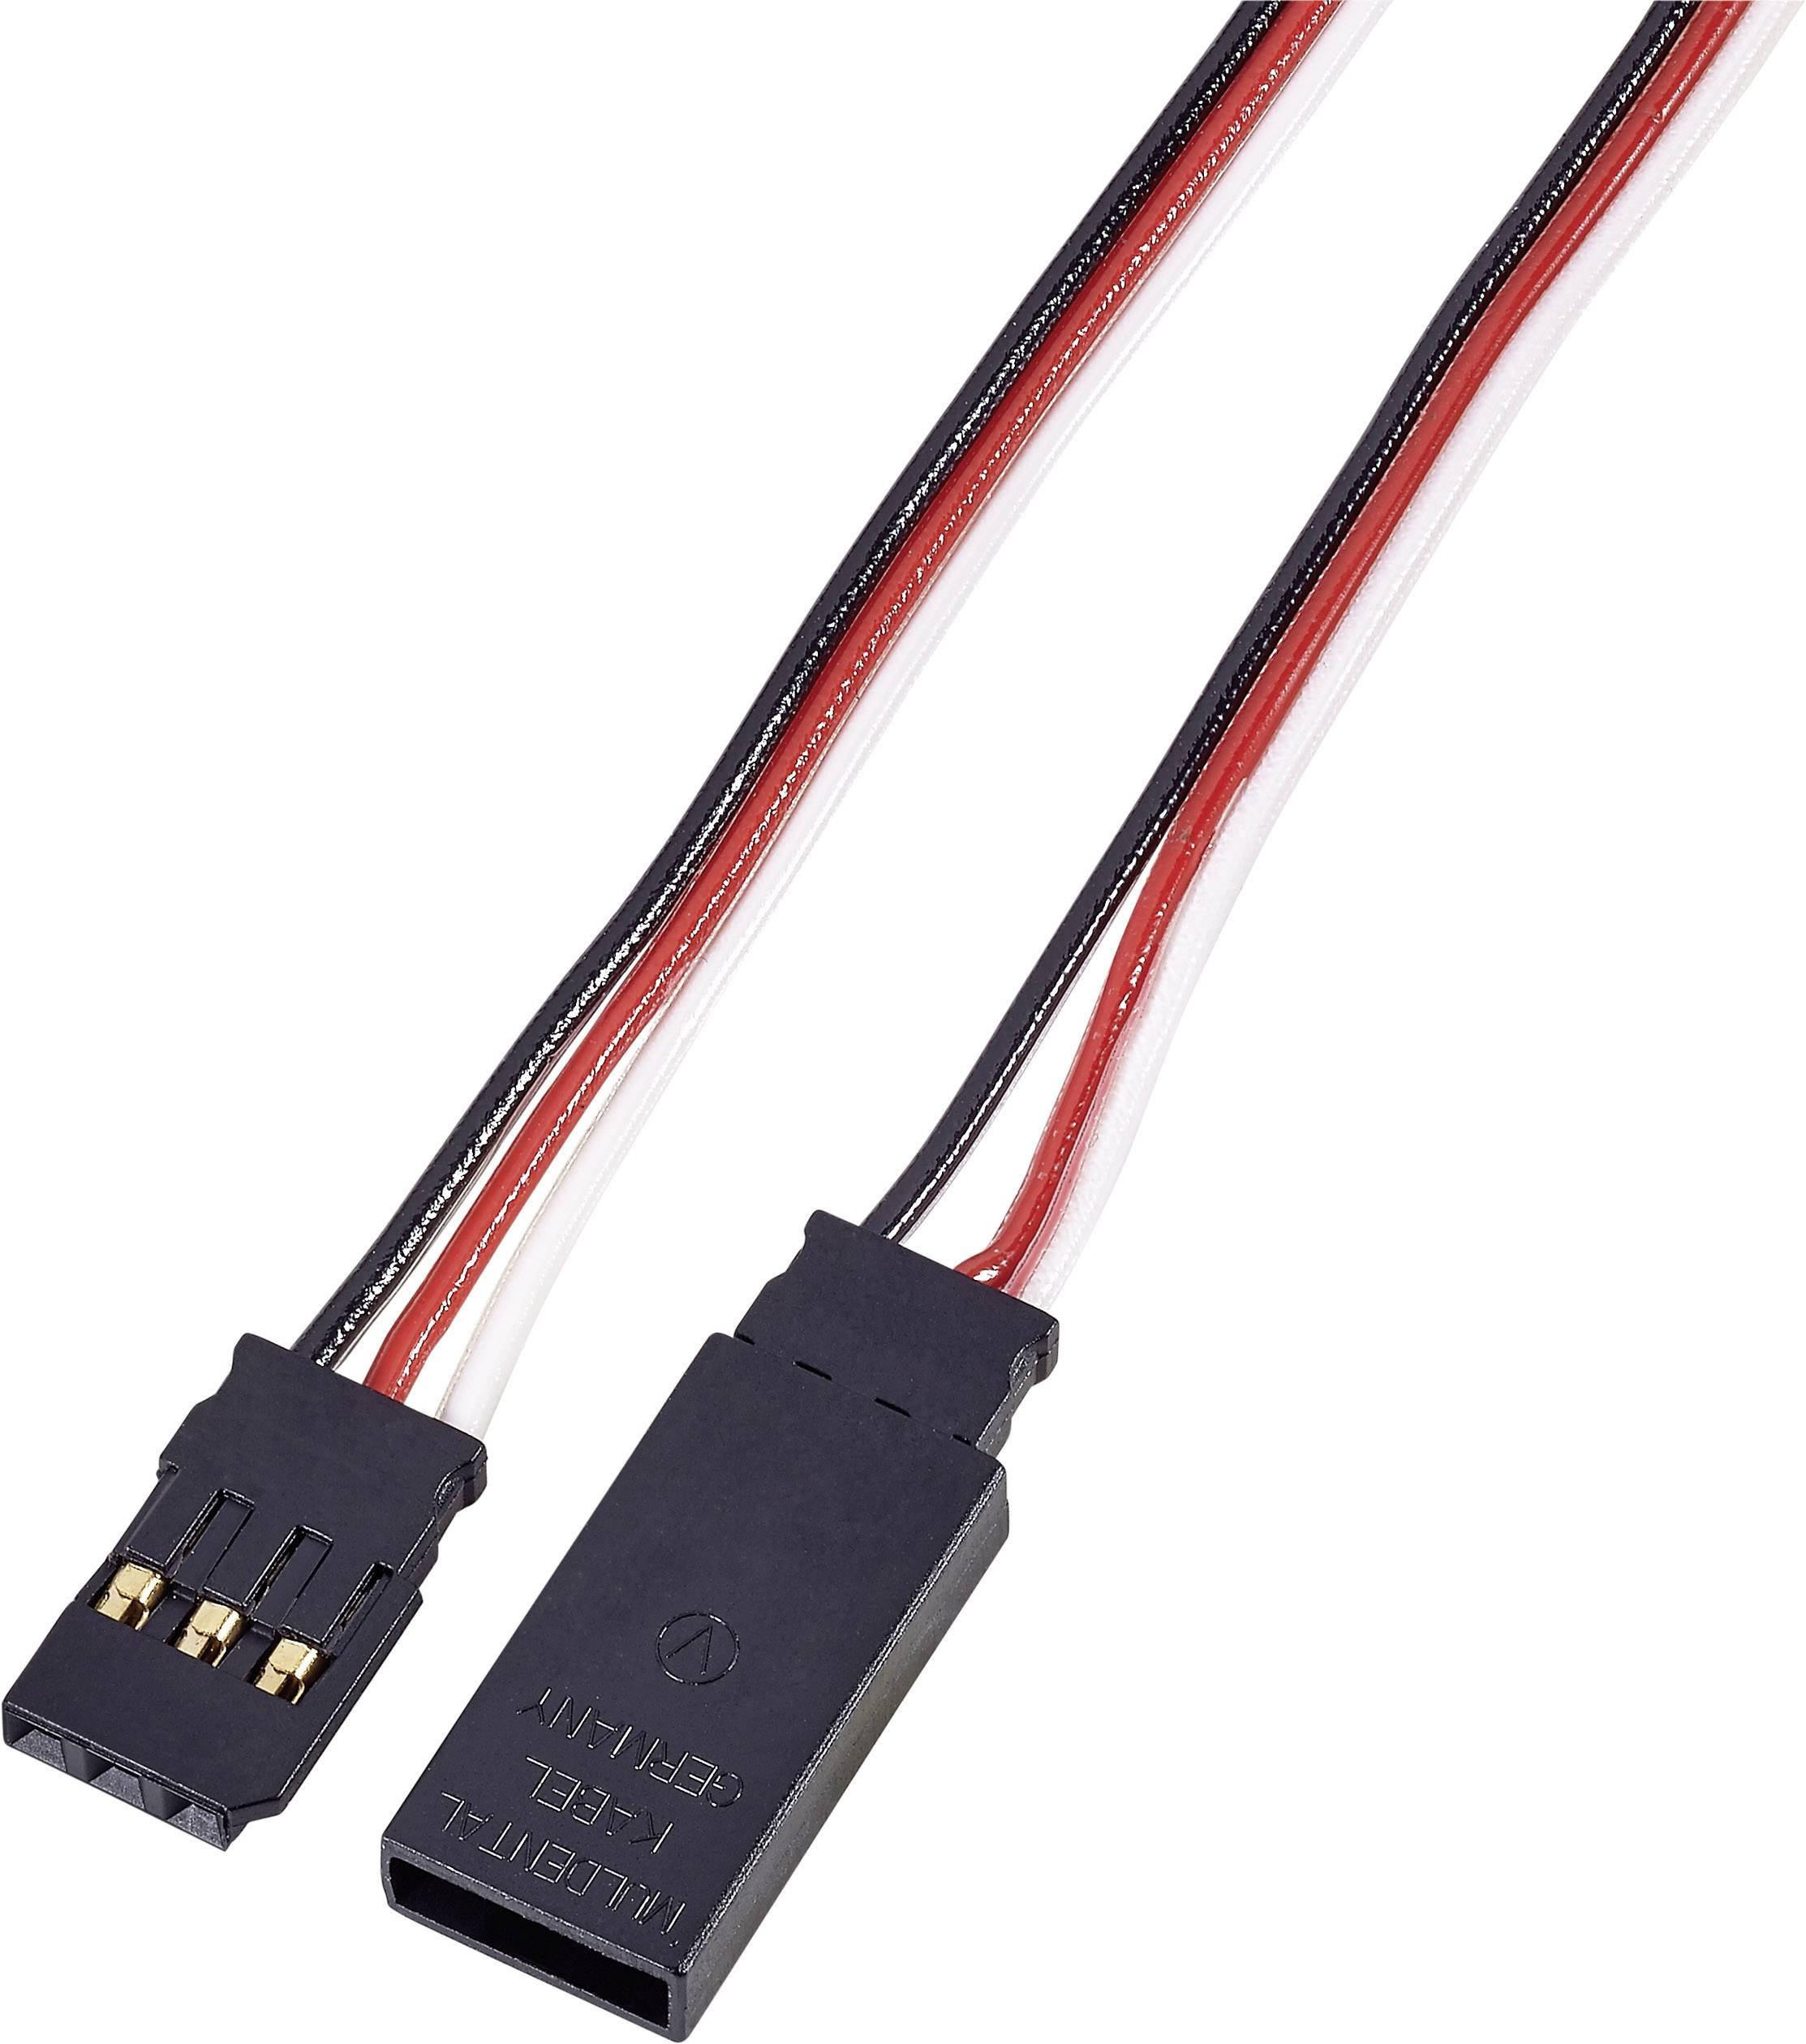 Prodlužovací kabel Modelcraft, konektor Futaba, 100 cm, 0,14 mm²